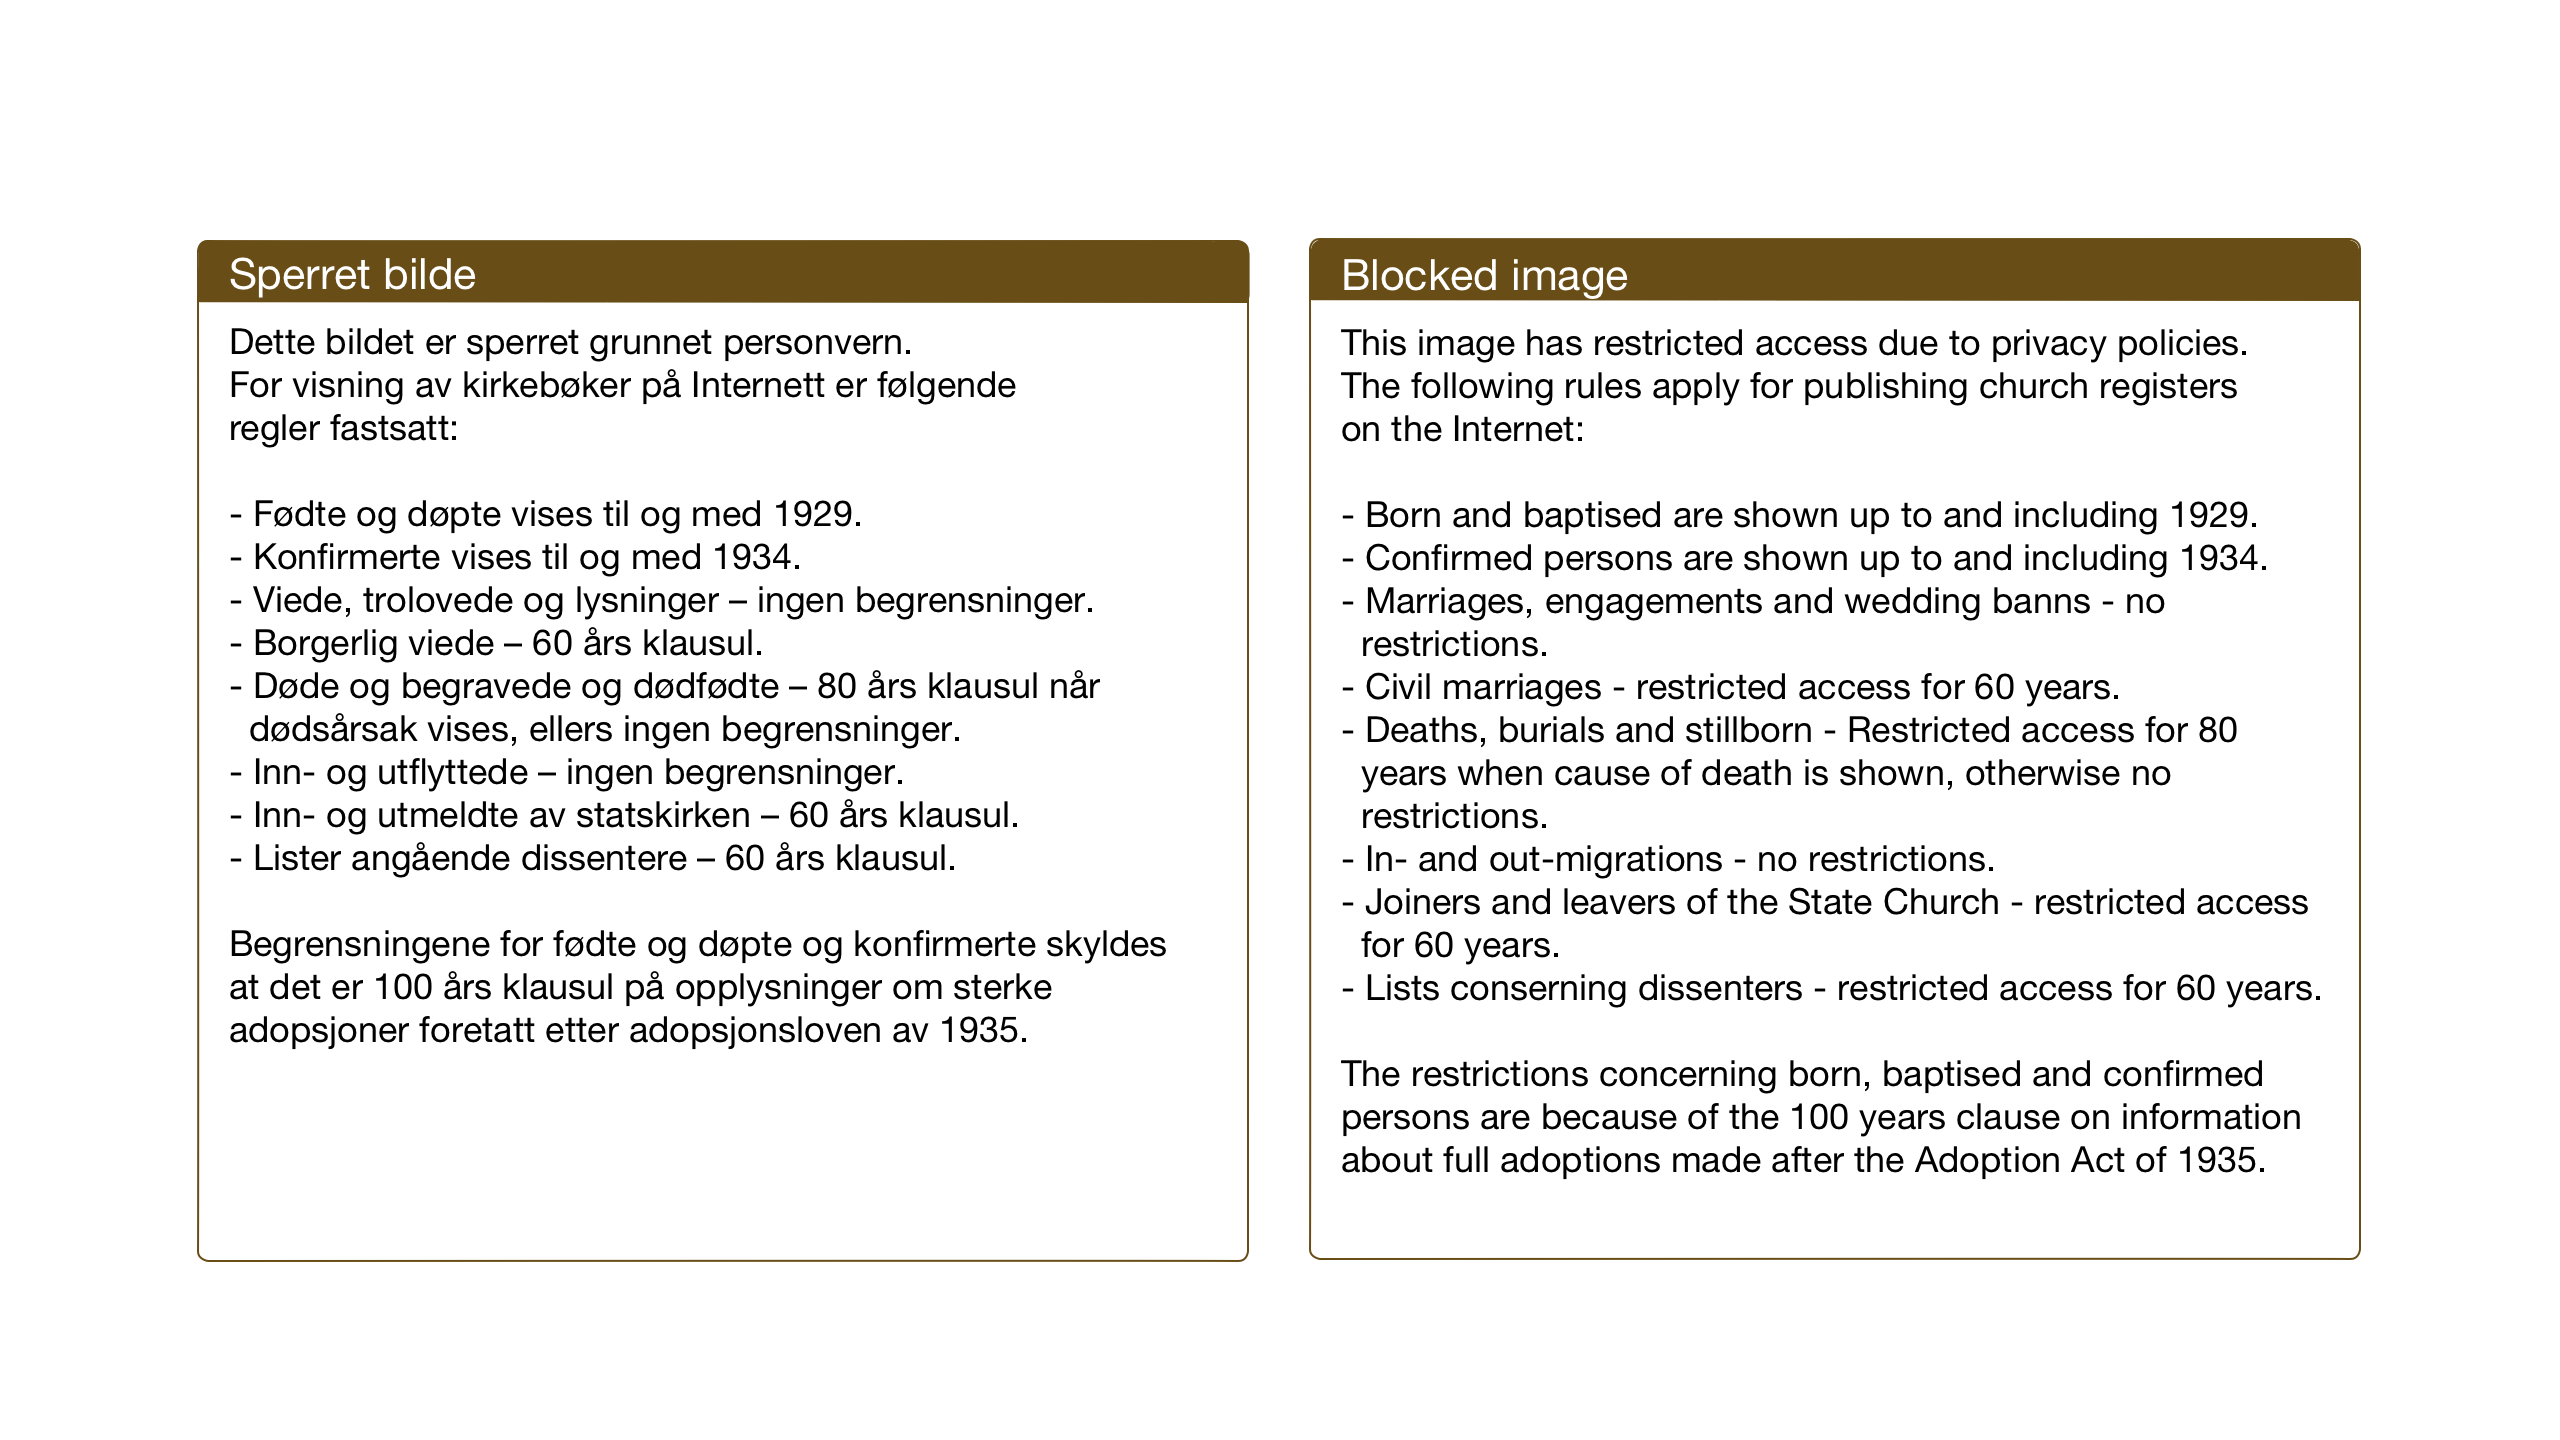 SAT, Ministerialprotokoller, klokkerbøker og fødselsregistre - Sør-Trøndelag, 686/L0986: Klokkerbok nr. 686C02, 1933-1950, s. 43